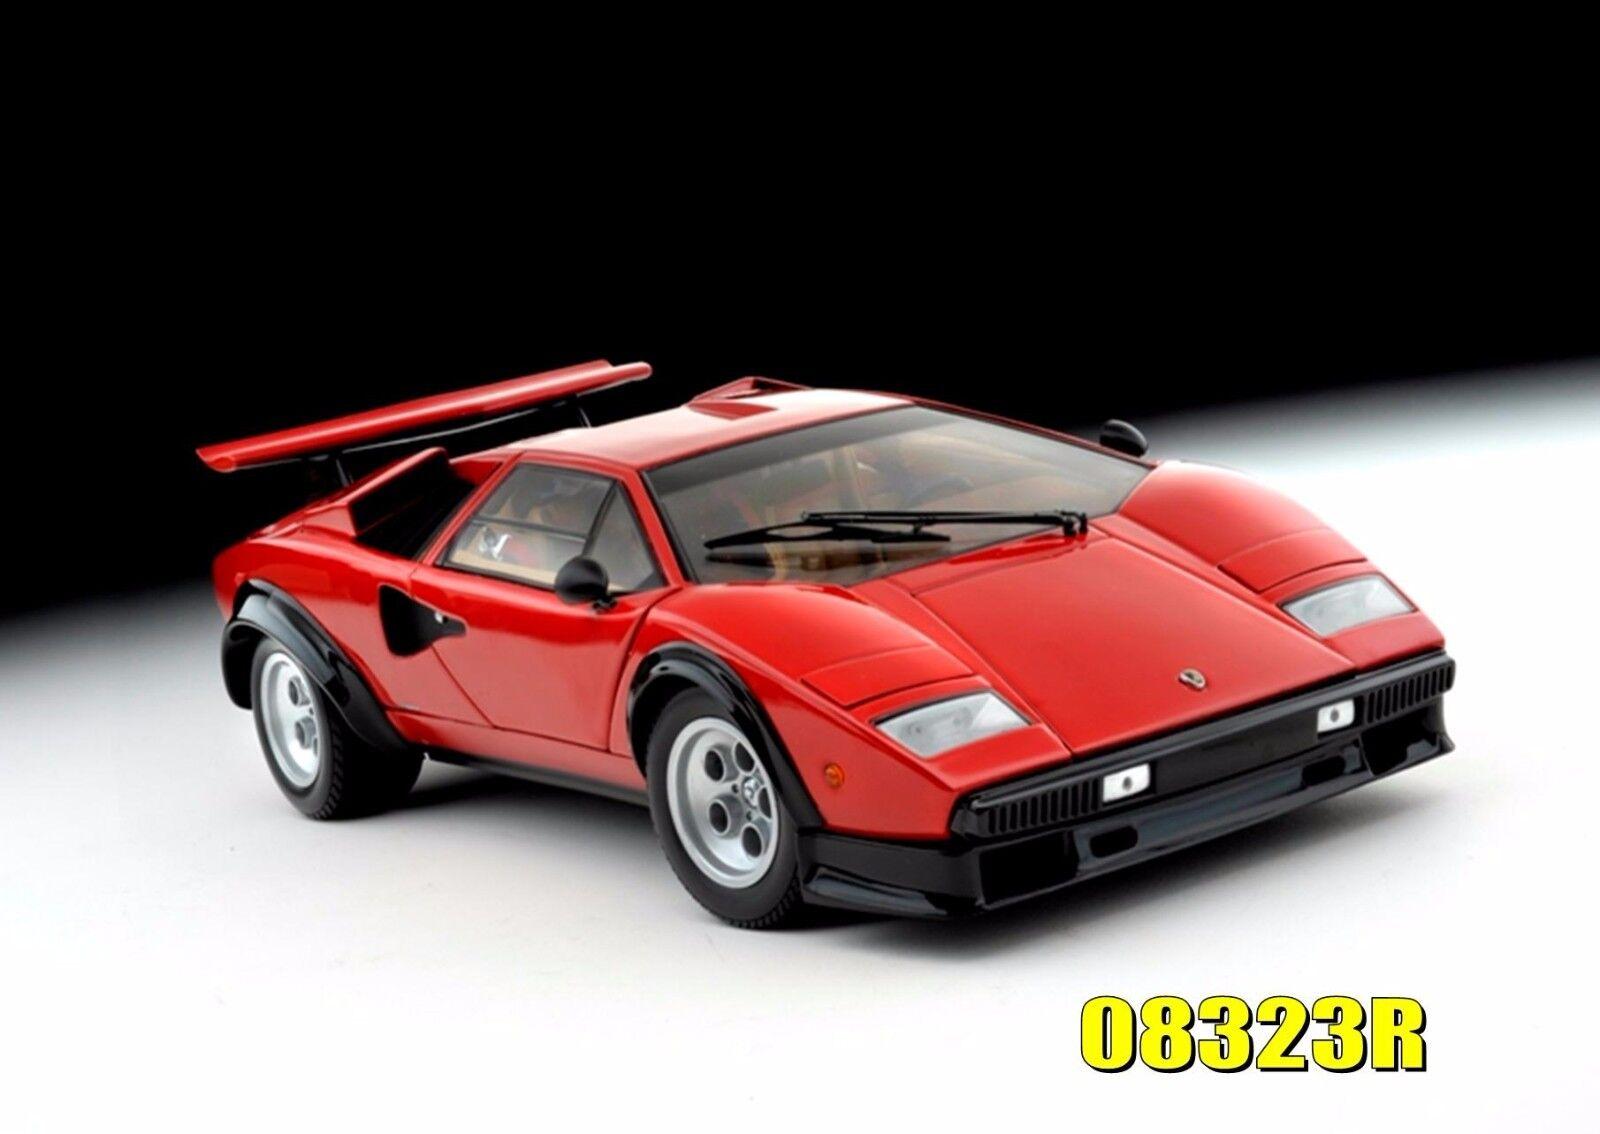 Lamborghini Countach lp500s Rojo 1   18 kyosho kyosho kyosho 083232 a74